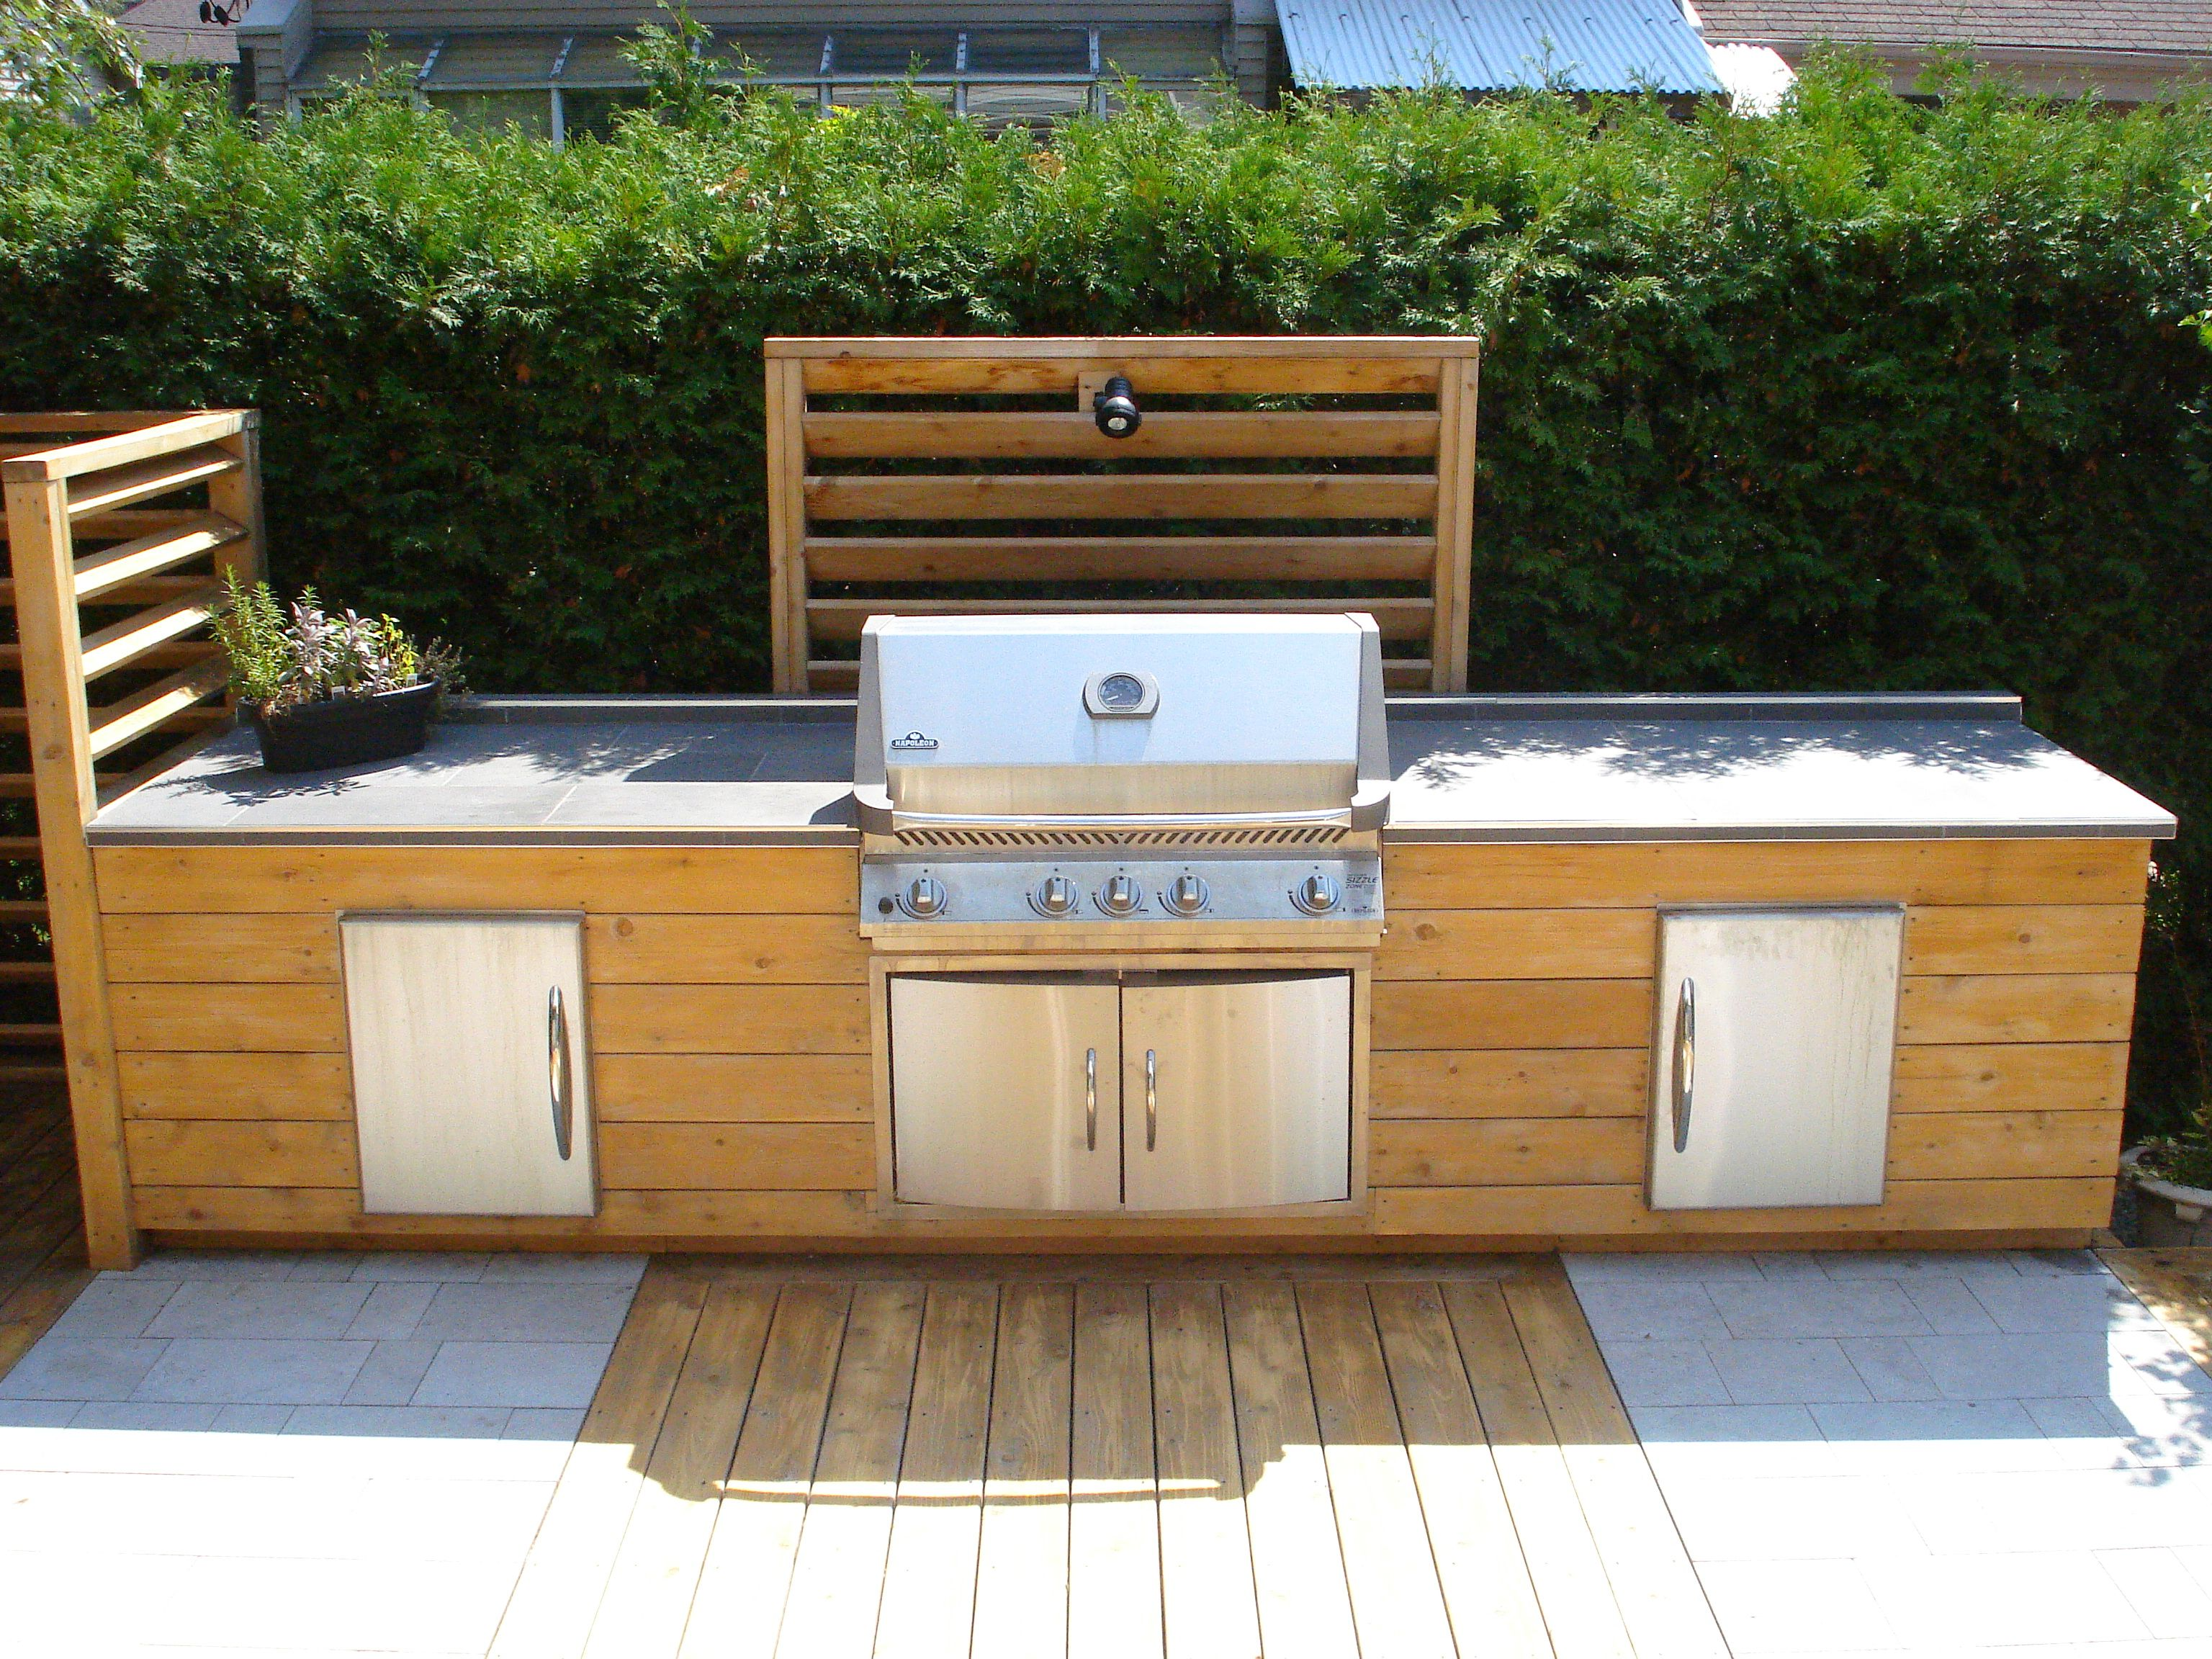 cuisine ext rieure en bois projet cuisine ext rieure pinterest cuisine exterieur en bois. Black Bedroom Furniture Sets. Home Design Ideas